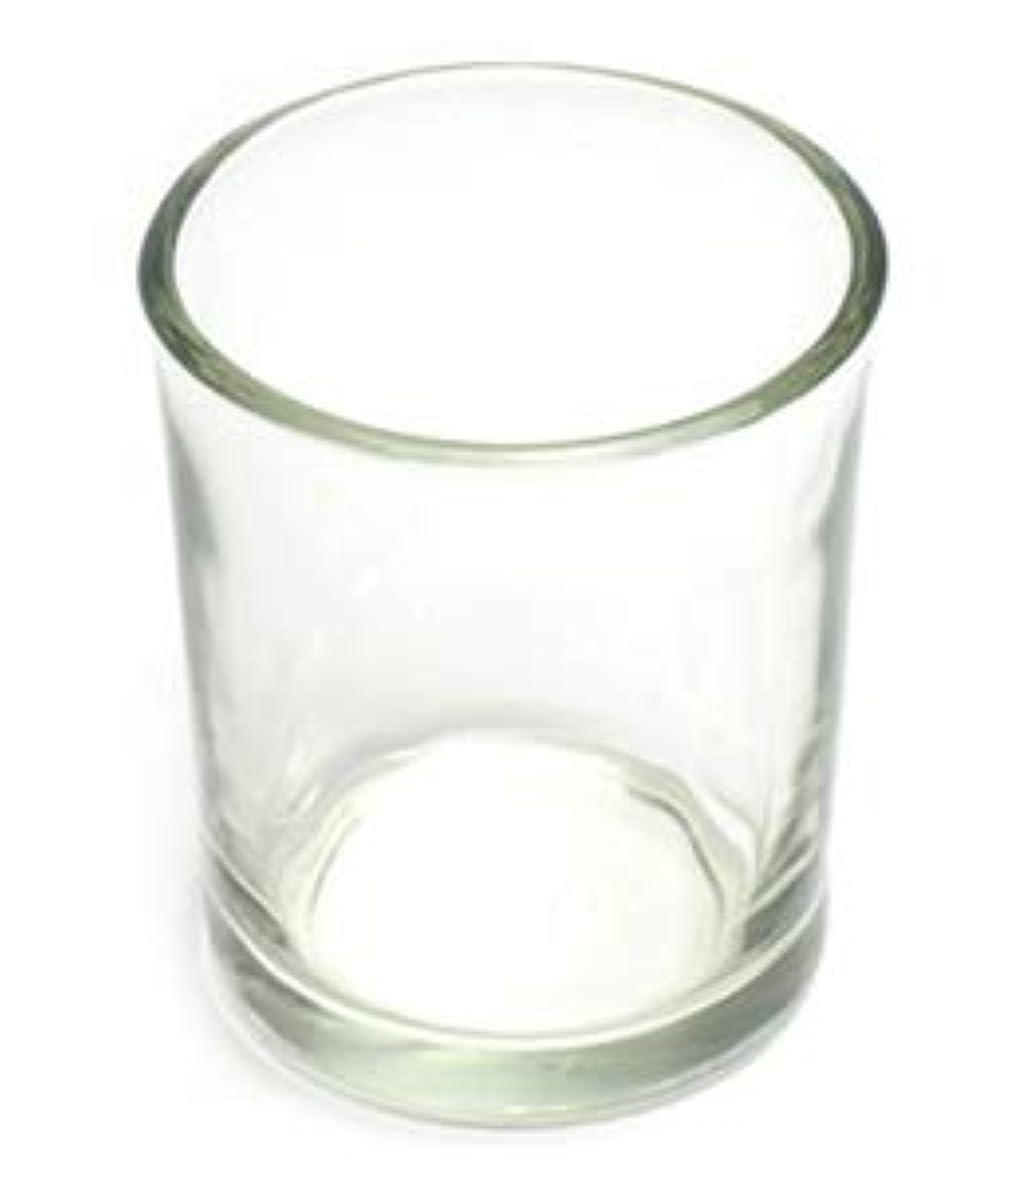 ドラッグ審判汚染されたキャンドルホルダー ガラス シンプル[小] 192個【キャンドルスタンド 透明 クリア おしゃれ ろうそく立て】